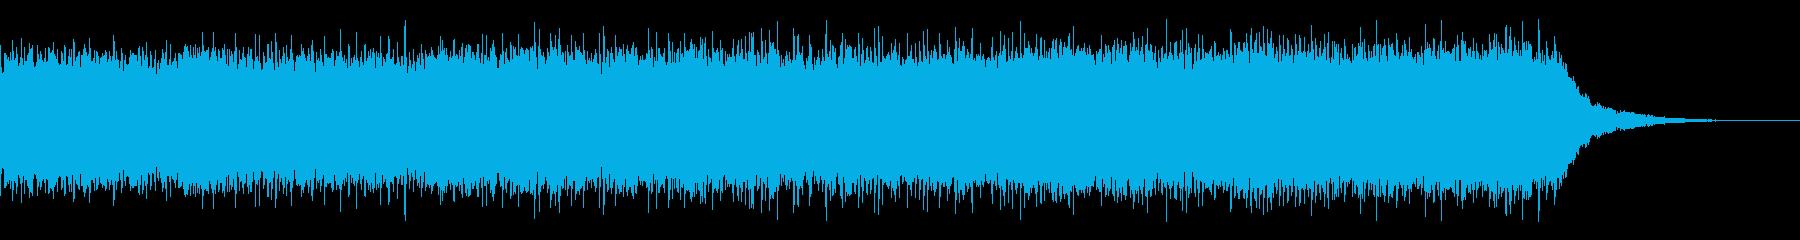 ハリウッド映画 ヒーリング・トレーラーの再生済みの波形